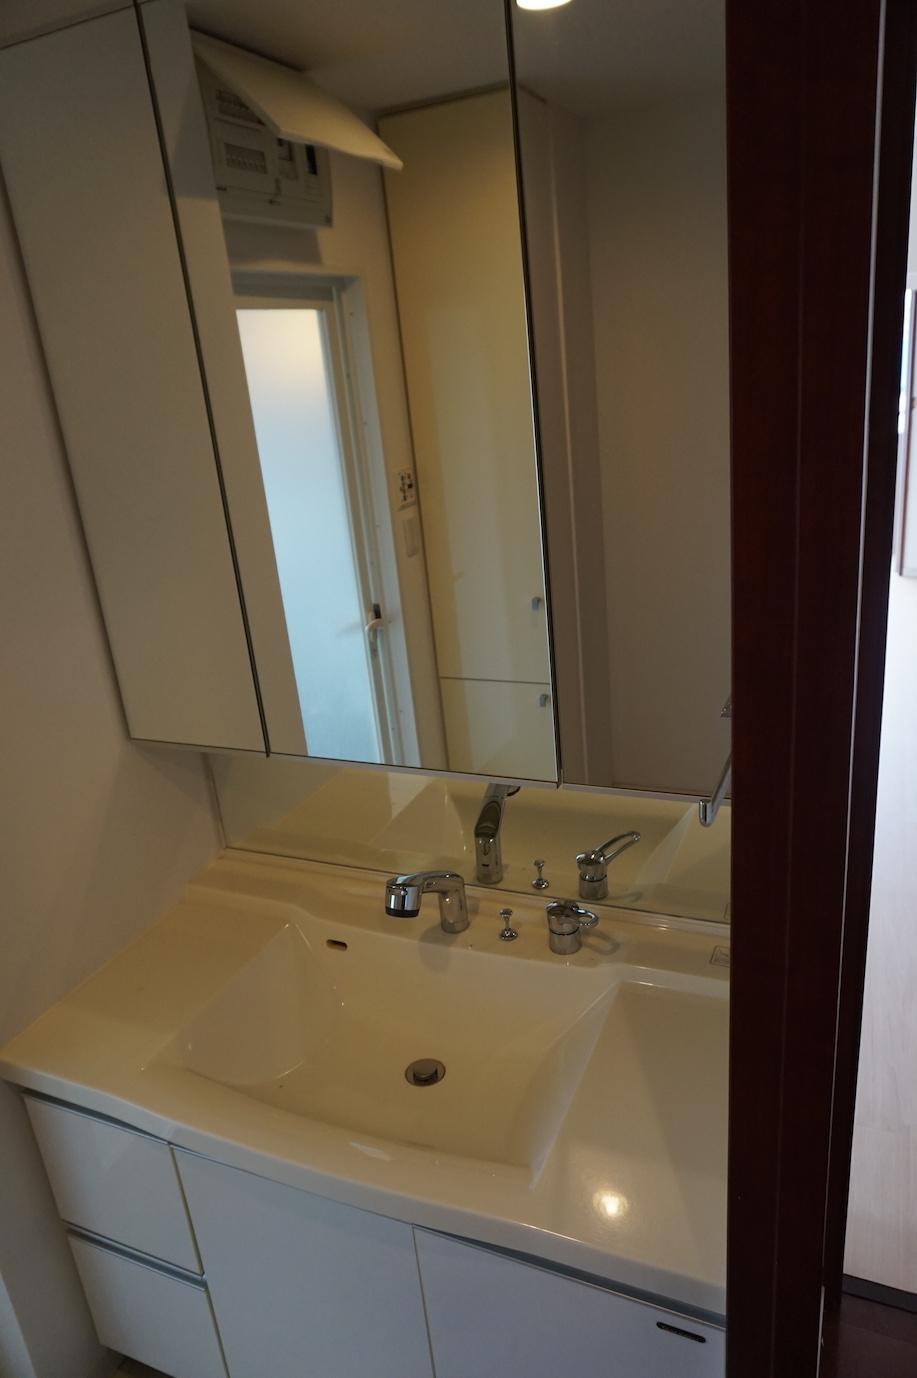 洗面所の大きな鏡は助かります